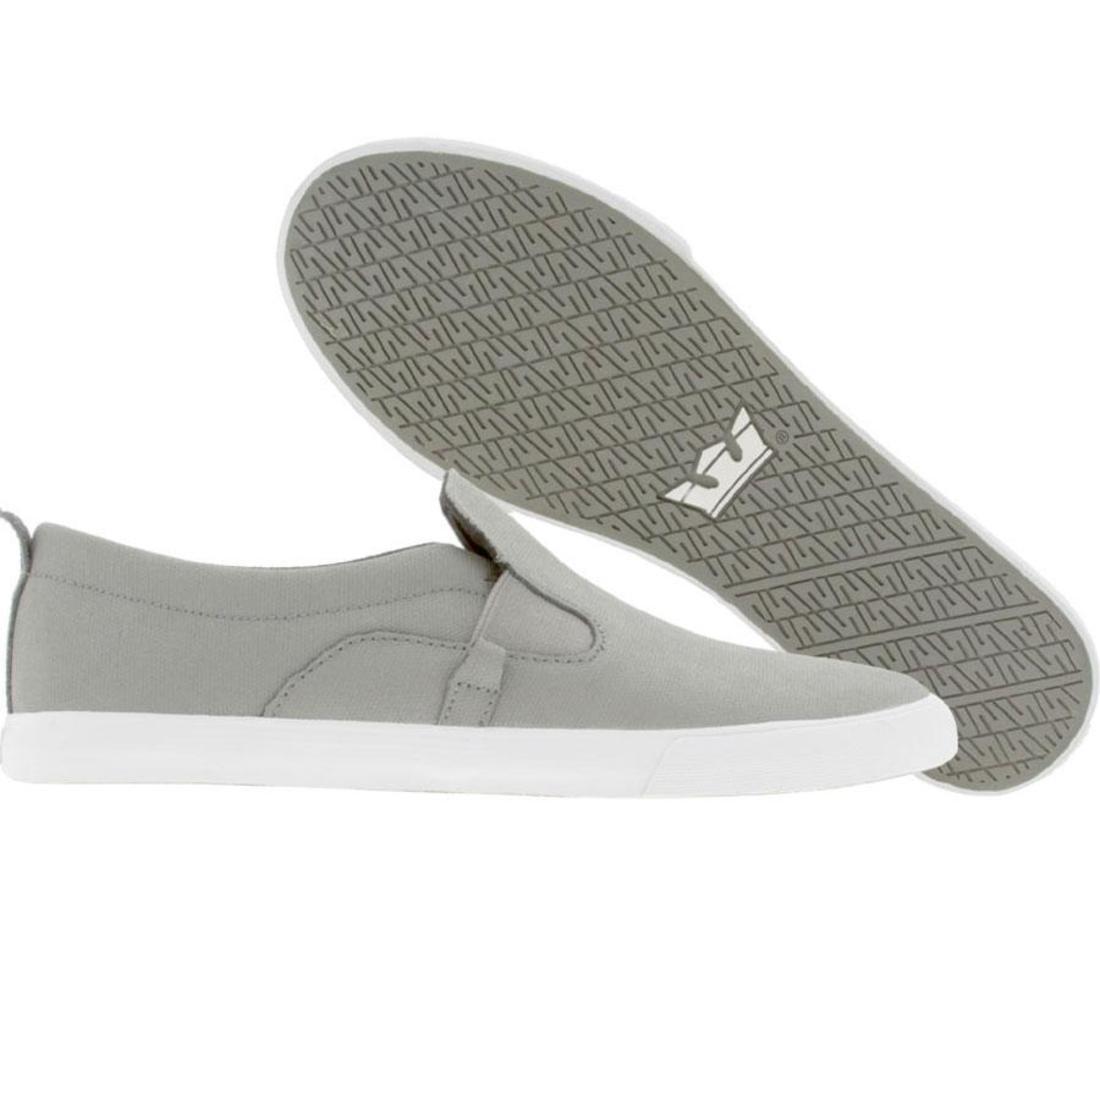 【海外限定】スープラ スニーカー 靴 【 SUPRA BELAY NS GREY WAXED CANVAS 】